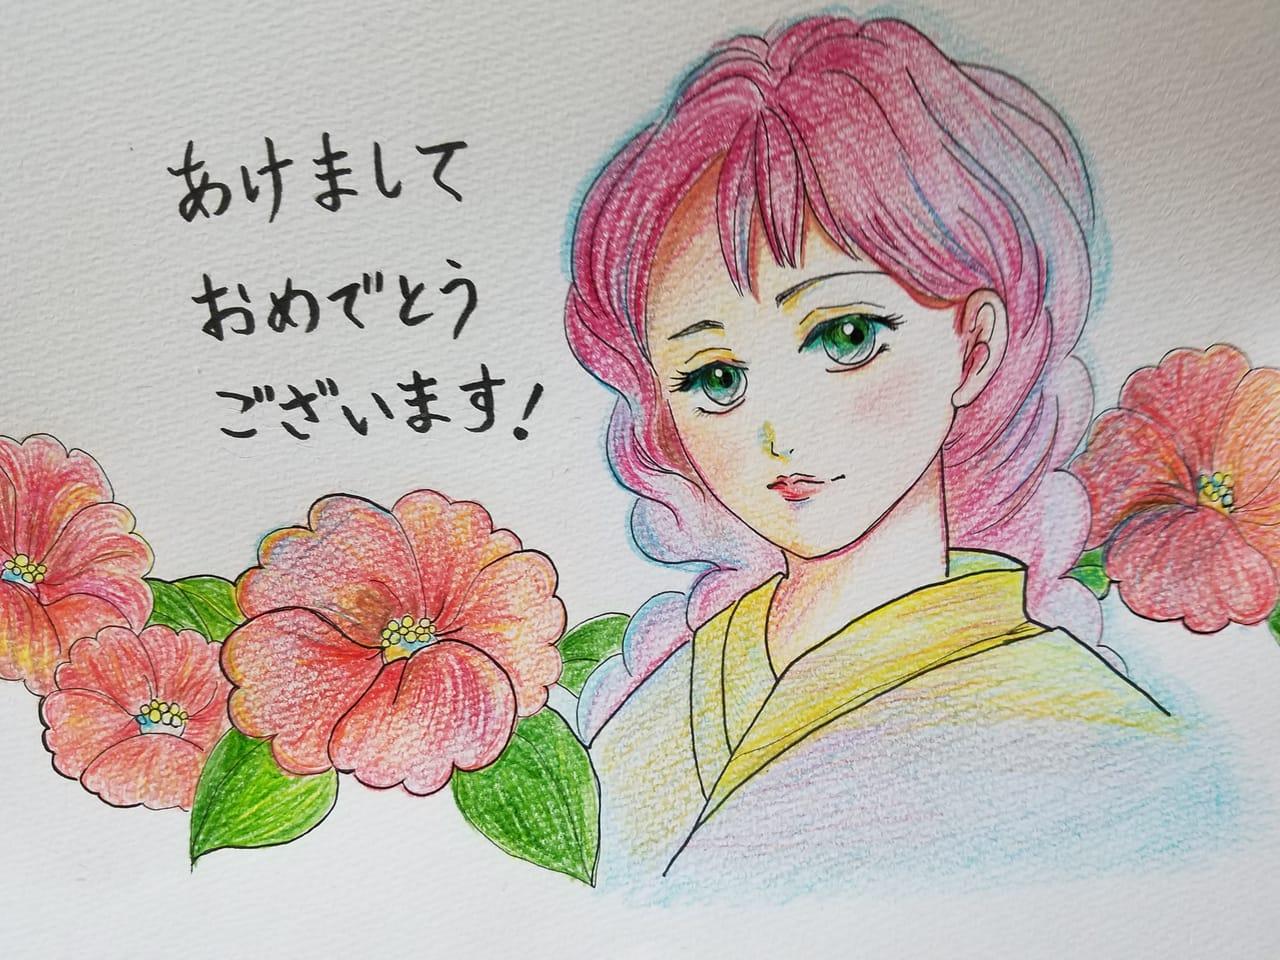 明けましておめでとうございます! Illust of おかかうめ newyear girl coloredpencil practice sketch アナログ kimono original doodle